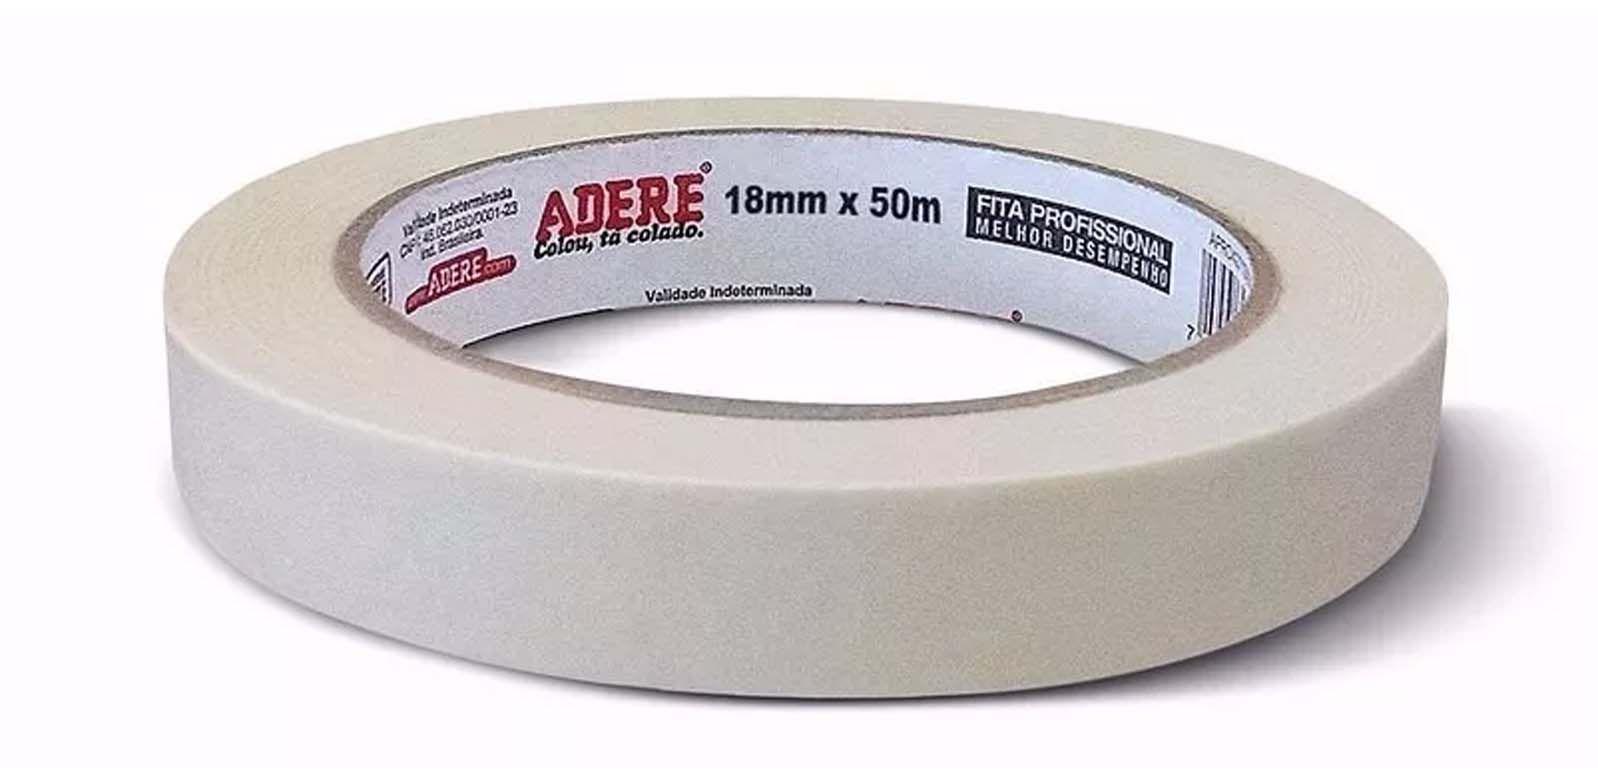 Fita Adesiva - Fita Crepe p/ parede - 427 18mmX50M - Adere - 16 Rolos